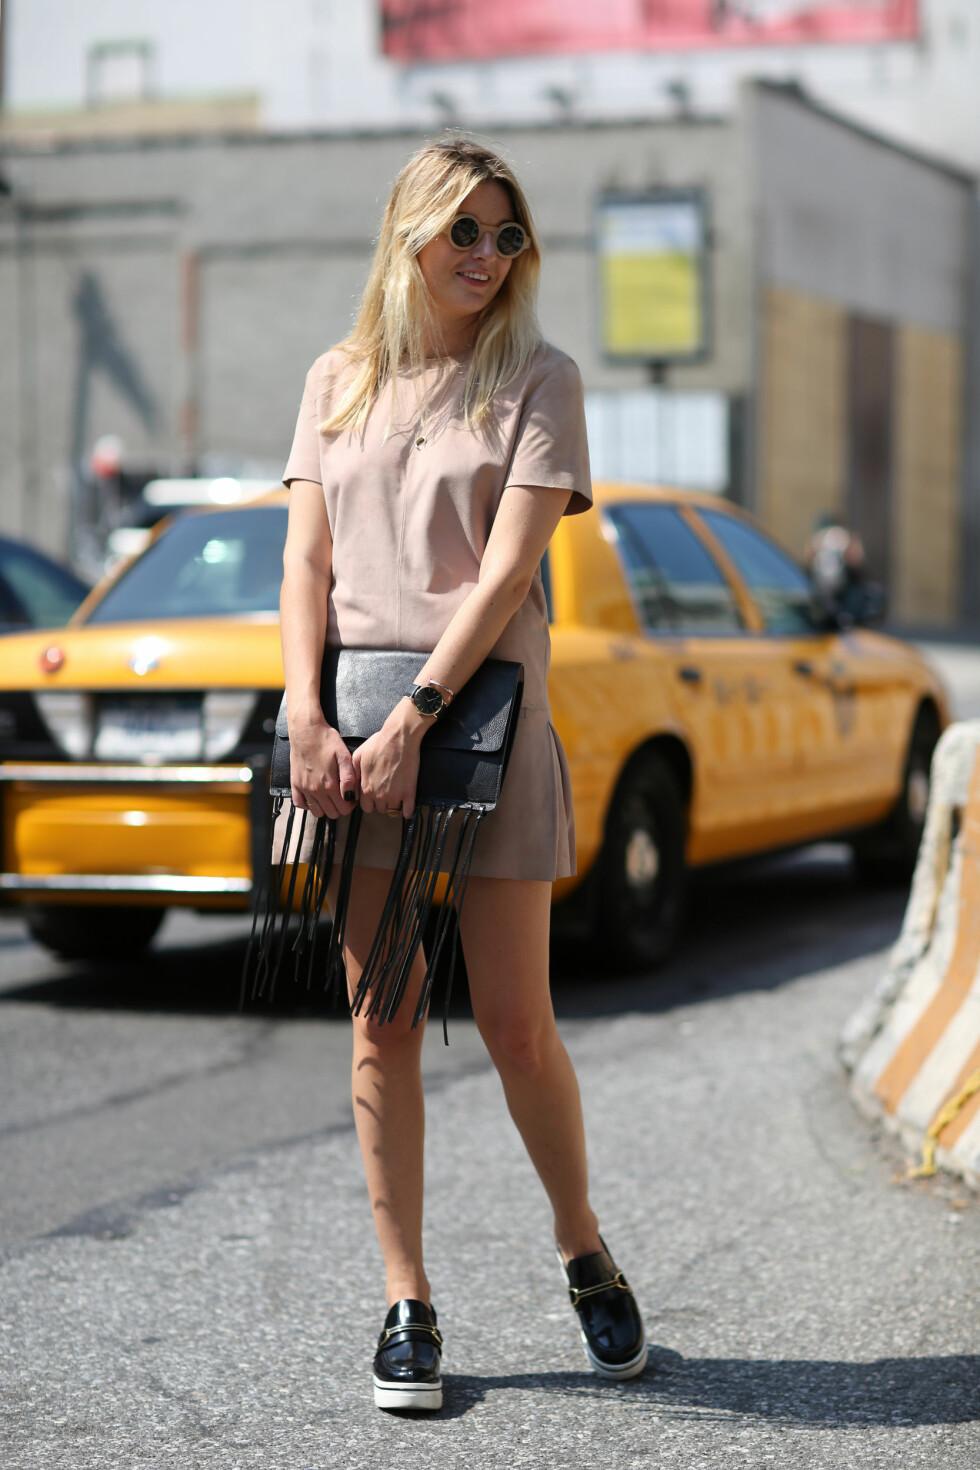 På jakt etter ny kjole? Ta neste års trender på forskudd og gå for en i semsket skinn!  Foto: All Over